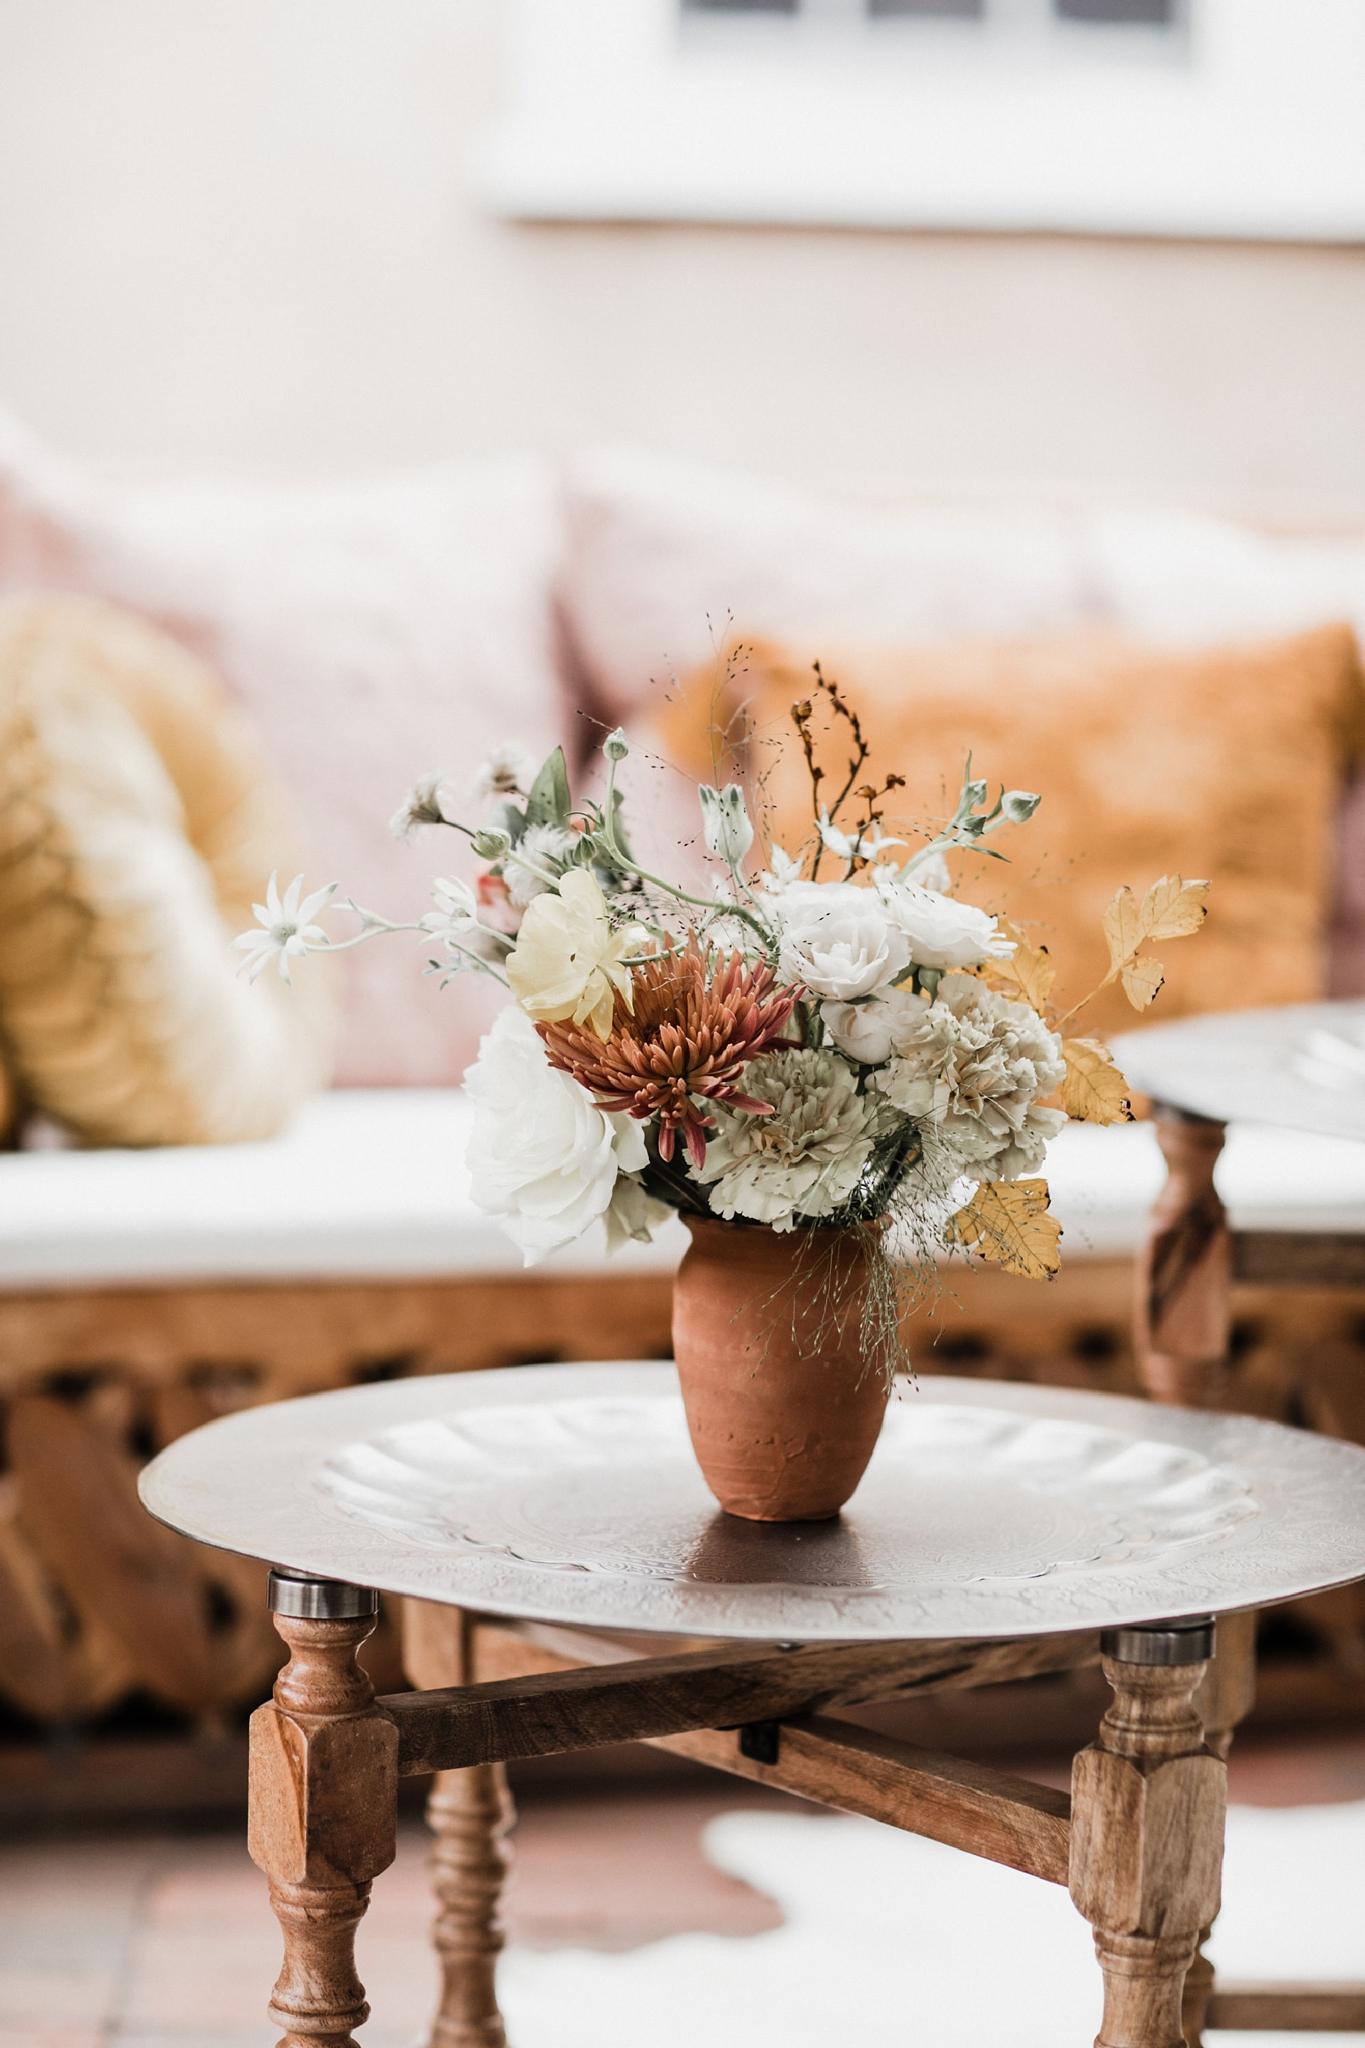 Alicia+lucia+photography+-+albuquerque+wedding+photographer+-+santa+fe+wedding+photography+-+new+mexico+wedding+photographer+-+new+mexico+wedding+-+new+mexico+florist+-+floriography+flowers+-+floriography+flowers+new+mexico+-+wedding+florist_0012.jpg